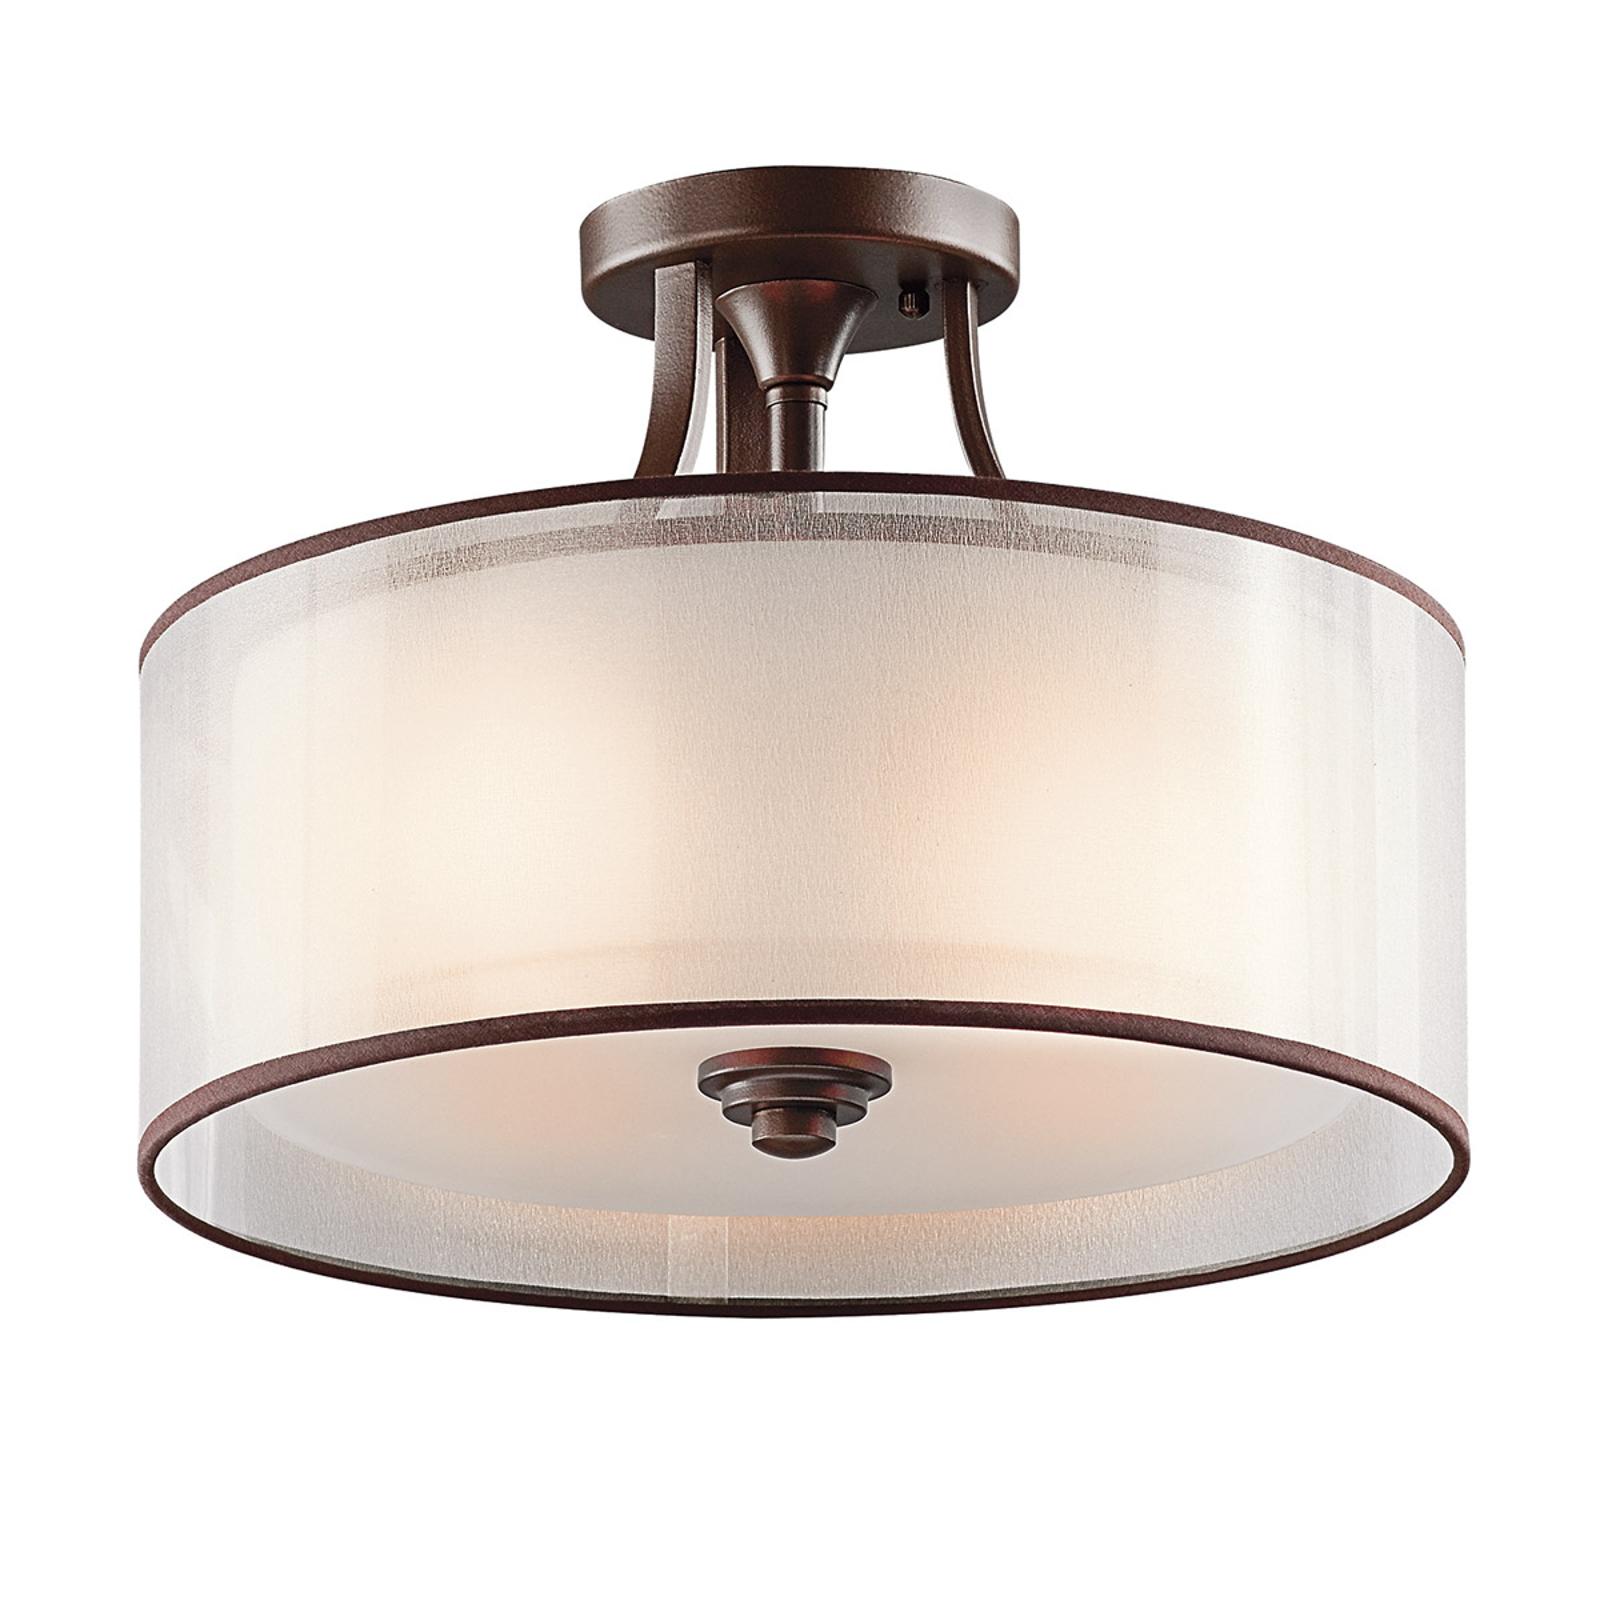 Lampa sufitowa Lacey